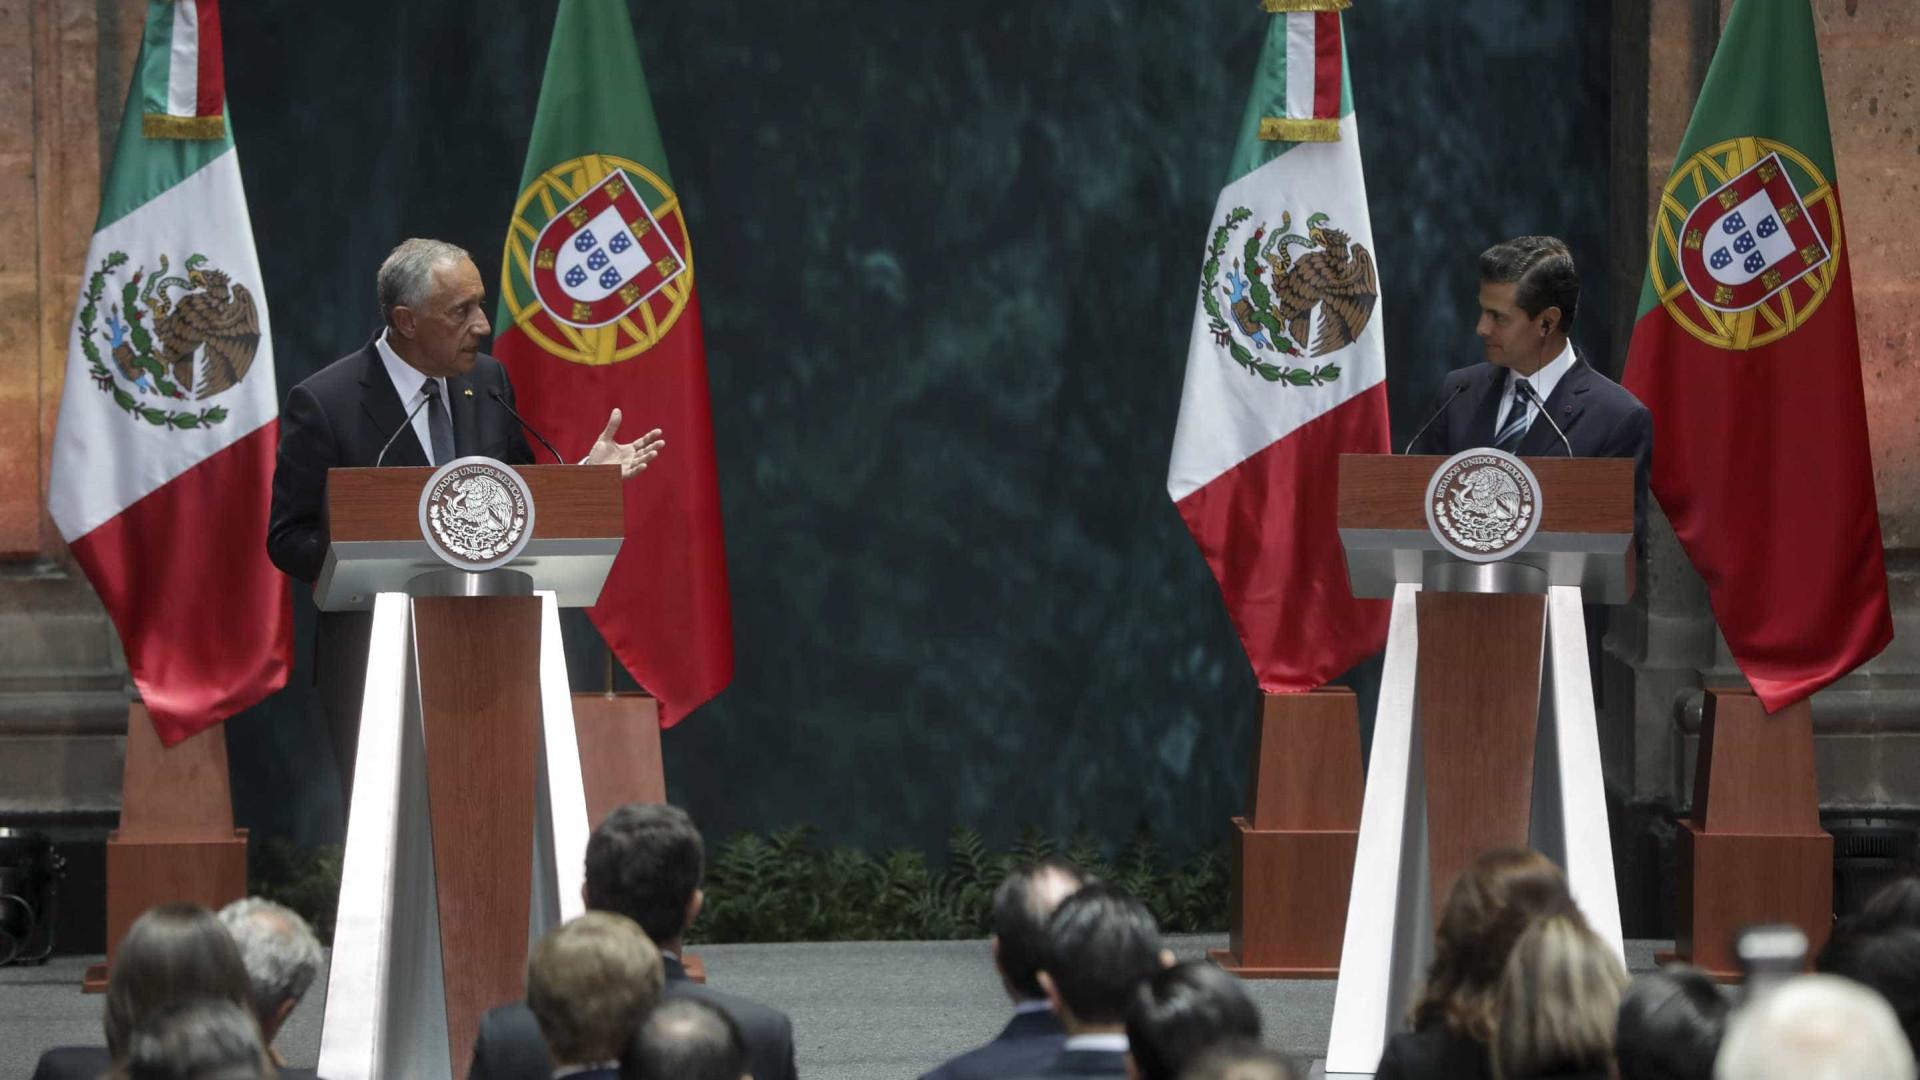 Marcelo e Nieto aliados no comércio livre e contra alterações climáticas